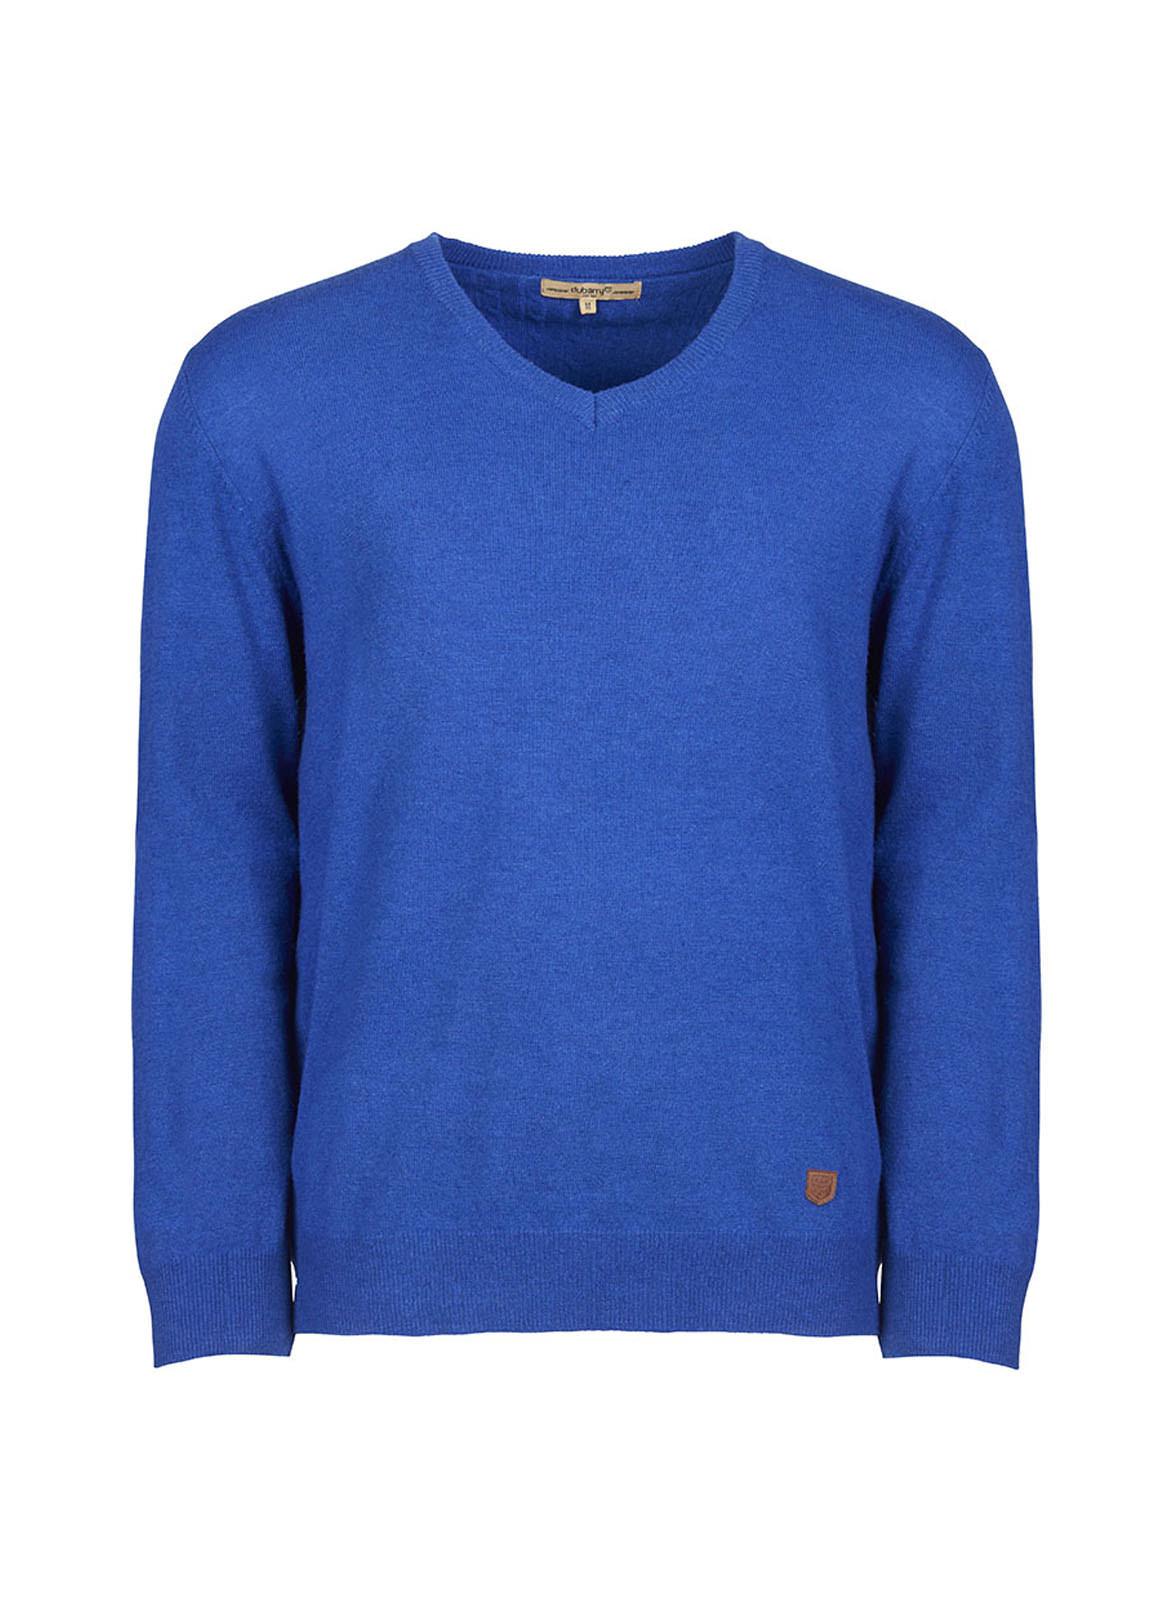 Brennan Men's Knitted Sweater  - Cobalt